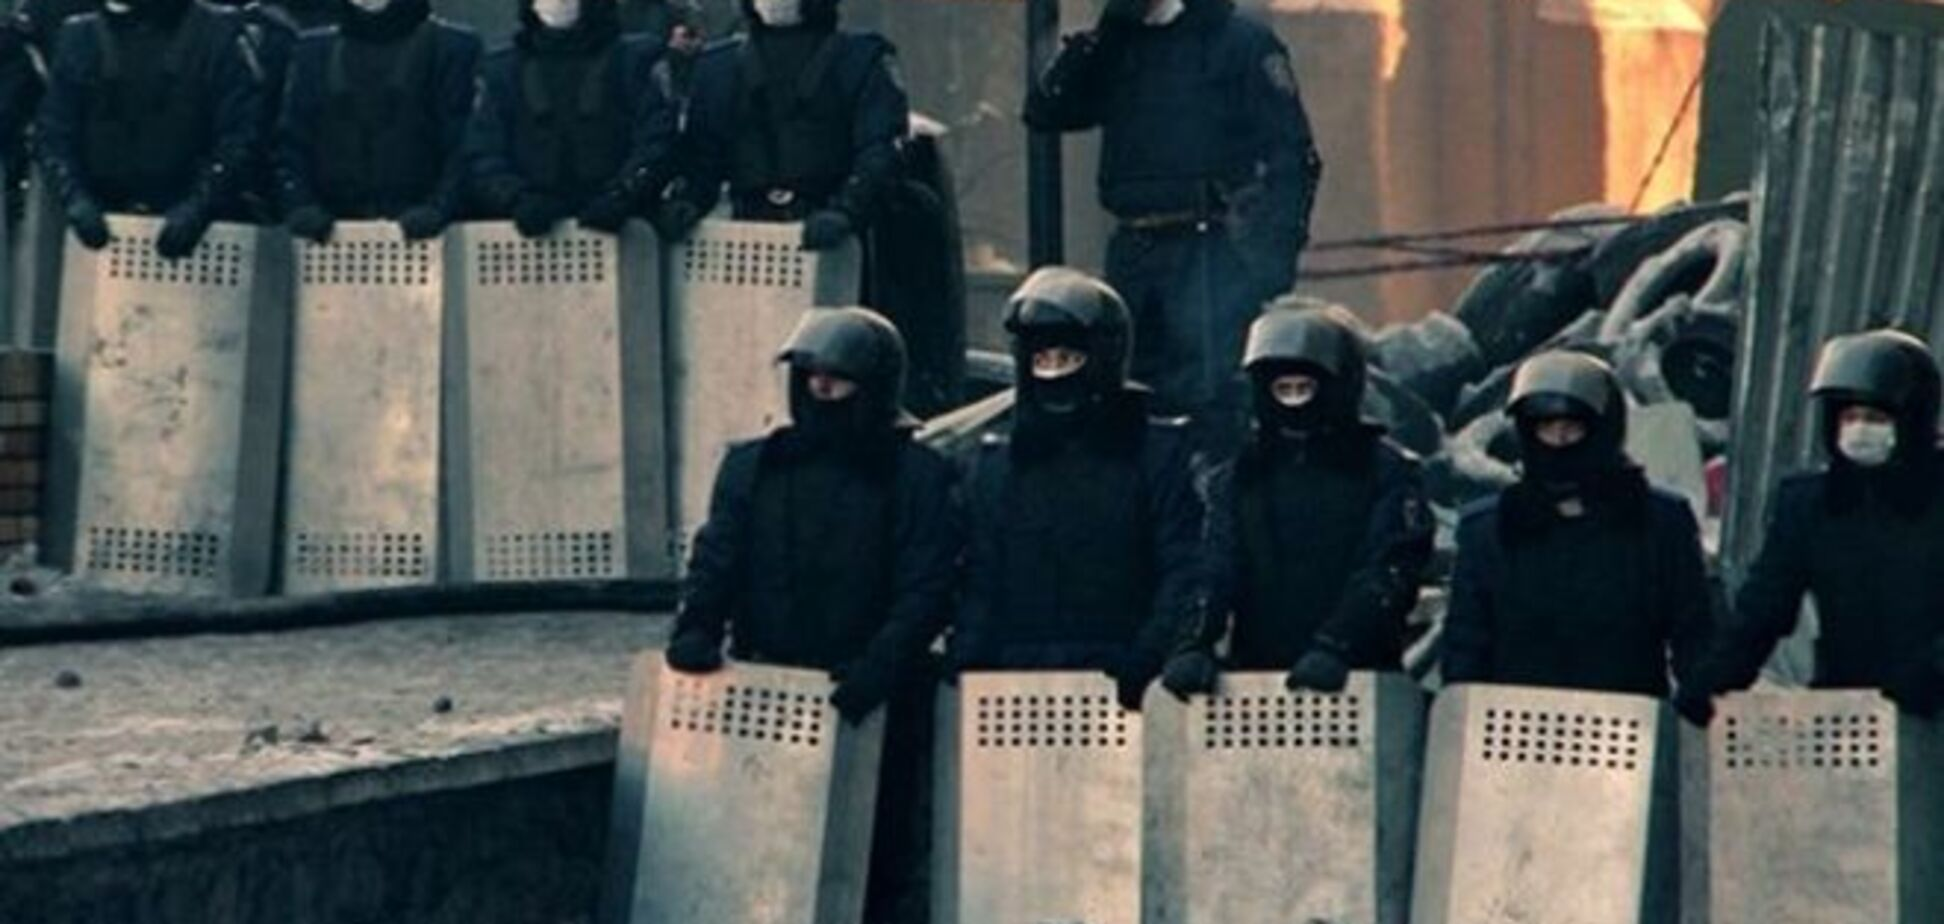 Установлены личности всех 'беркутовцев', подозреваемых в расстреле Майдана - ГПУ